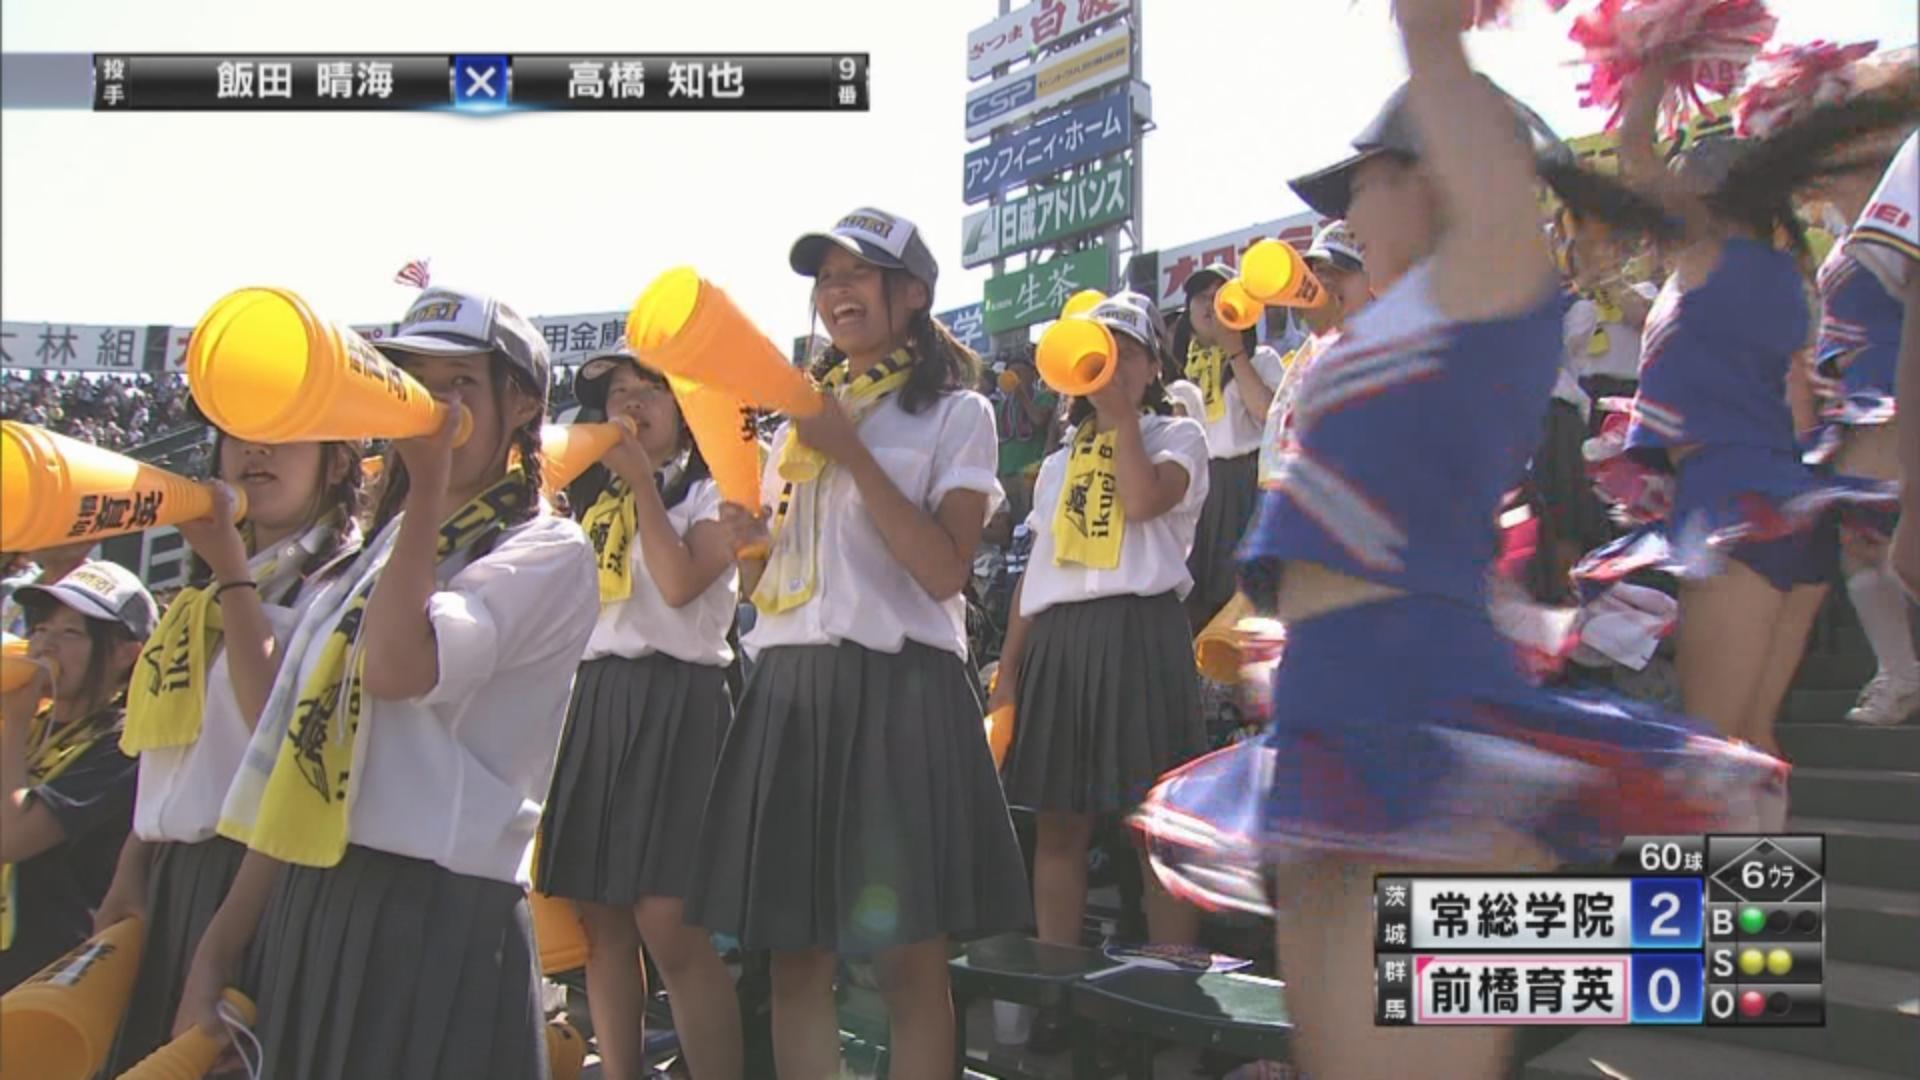 甲子園チアガール・女子高生に萌えるスレwww long160906210632